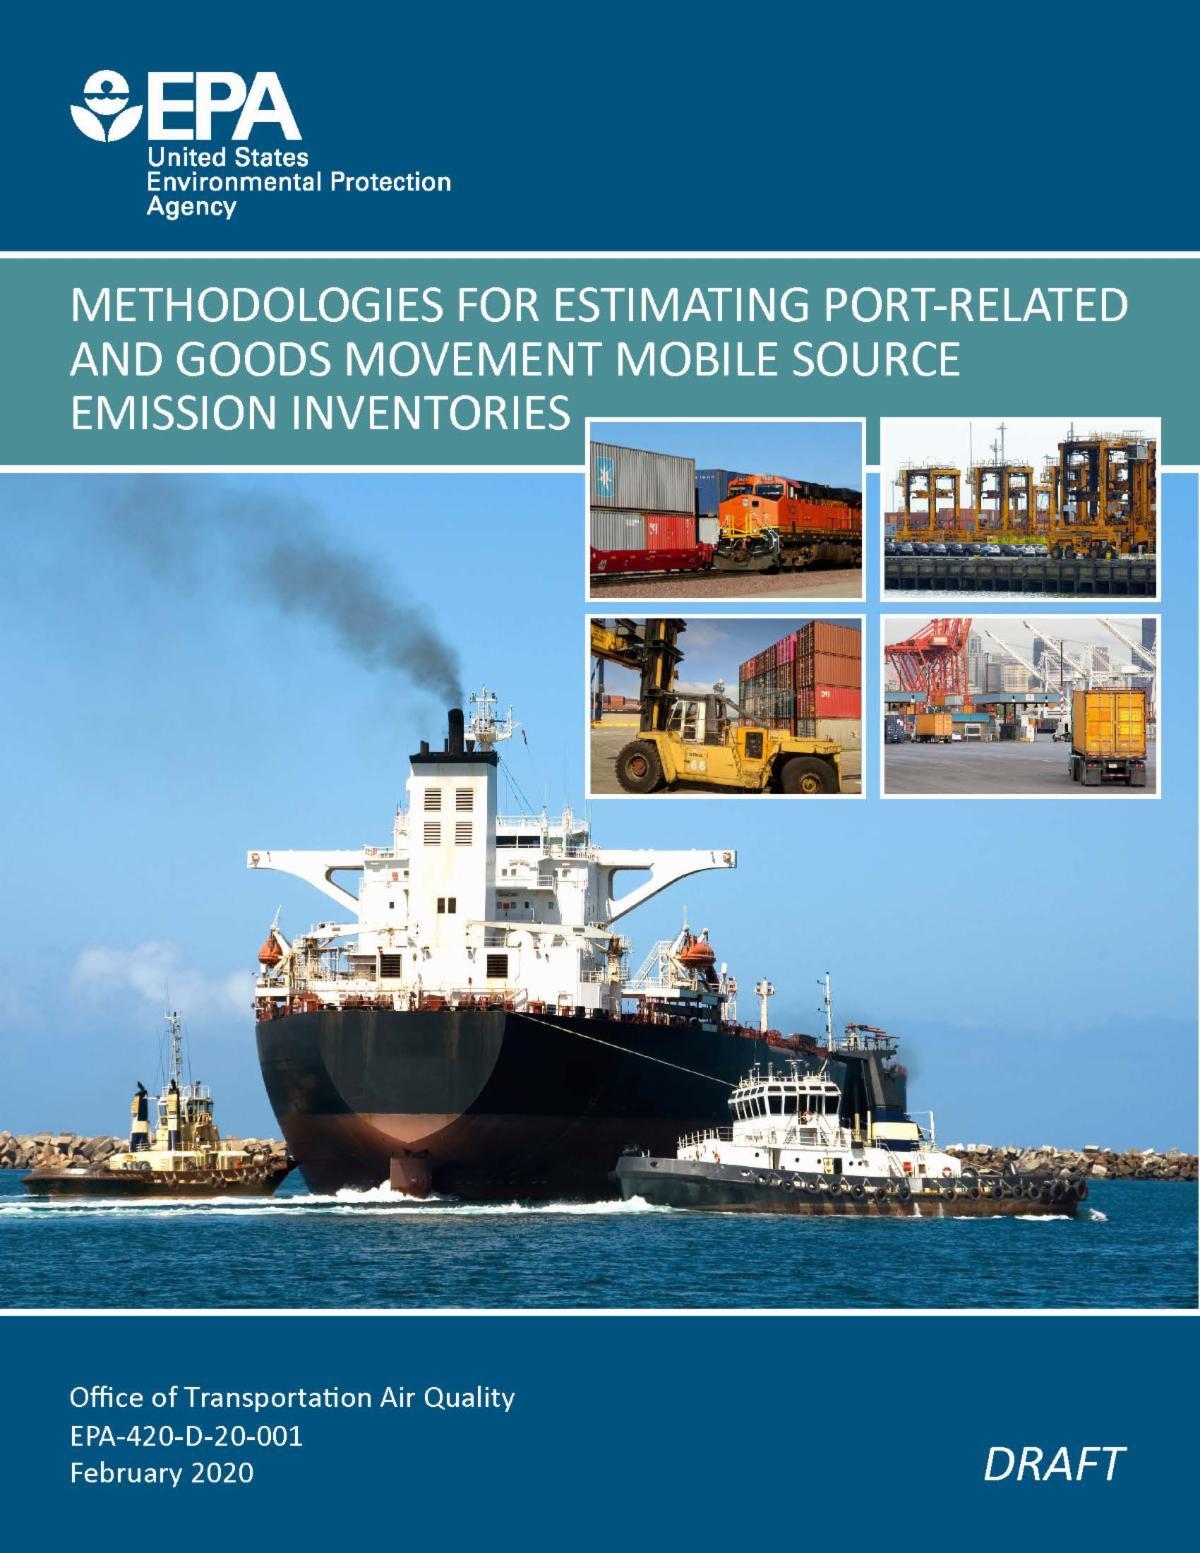 Inventory Methodologies Cover Photo